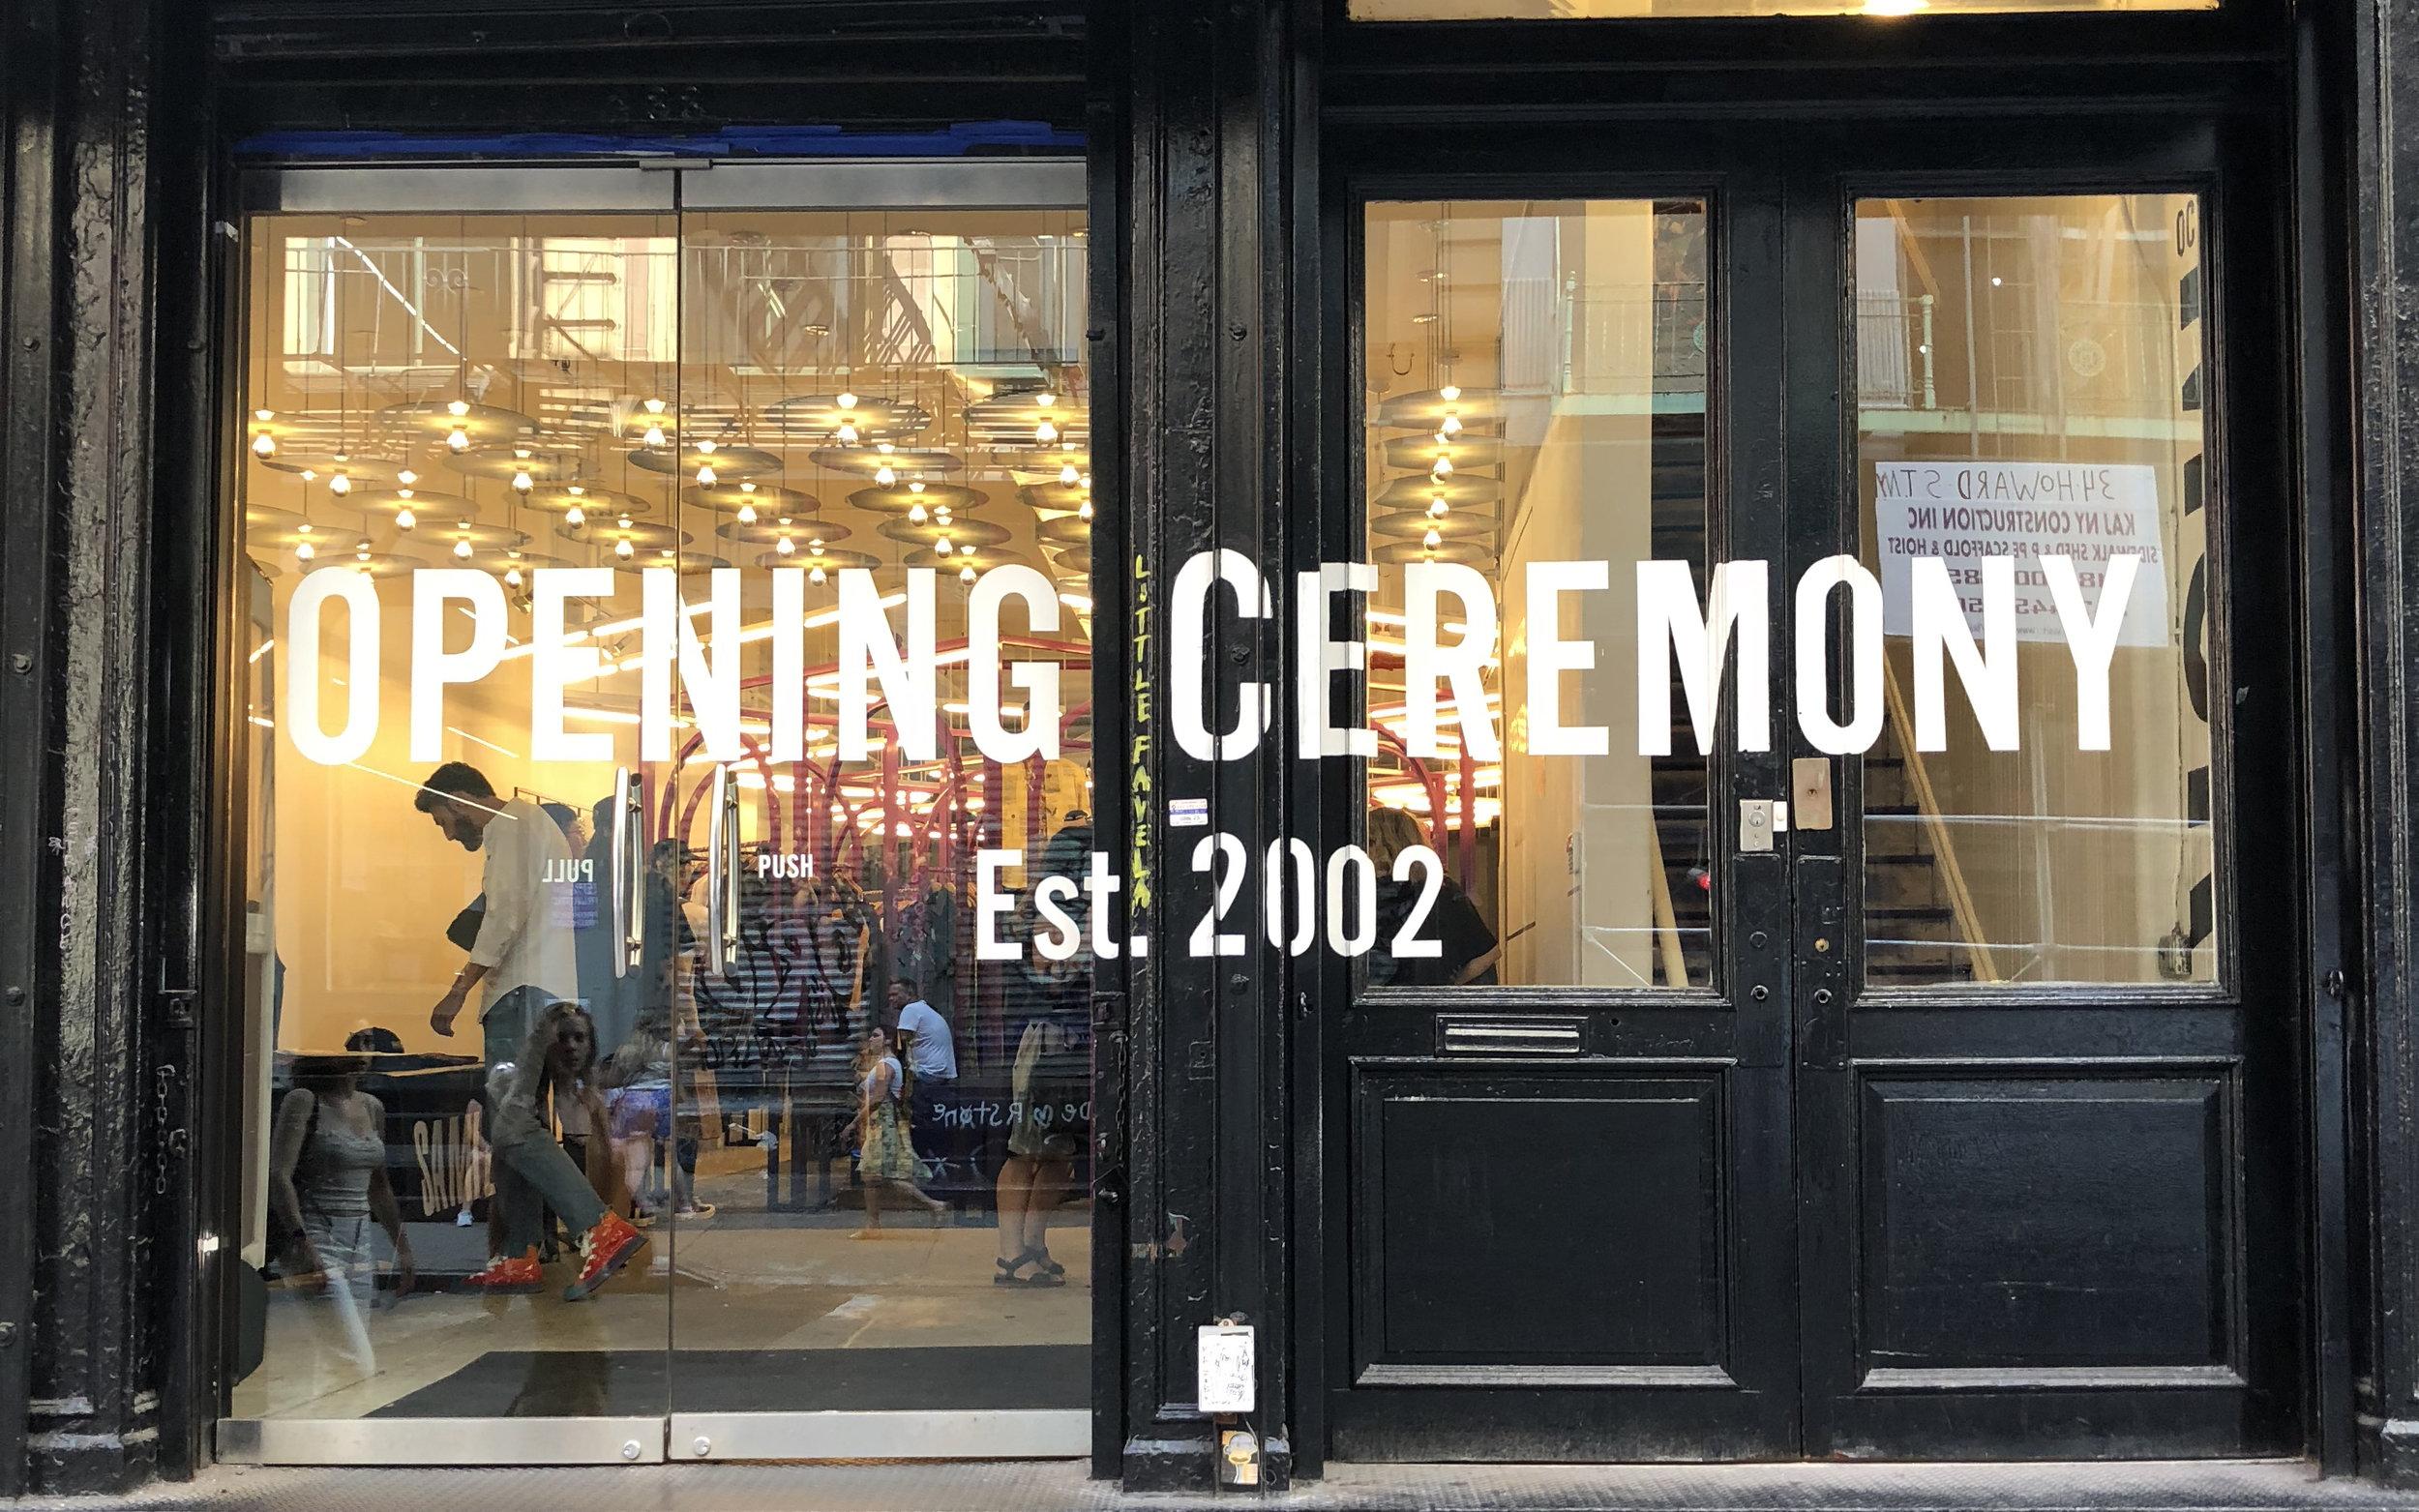 openingceremony_resized_06.jpg